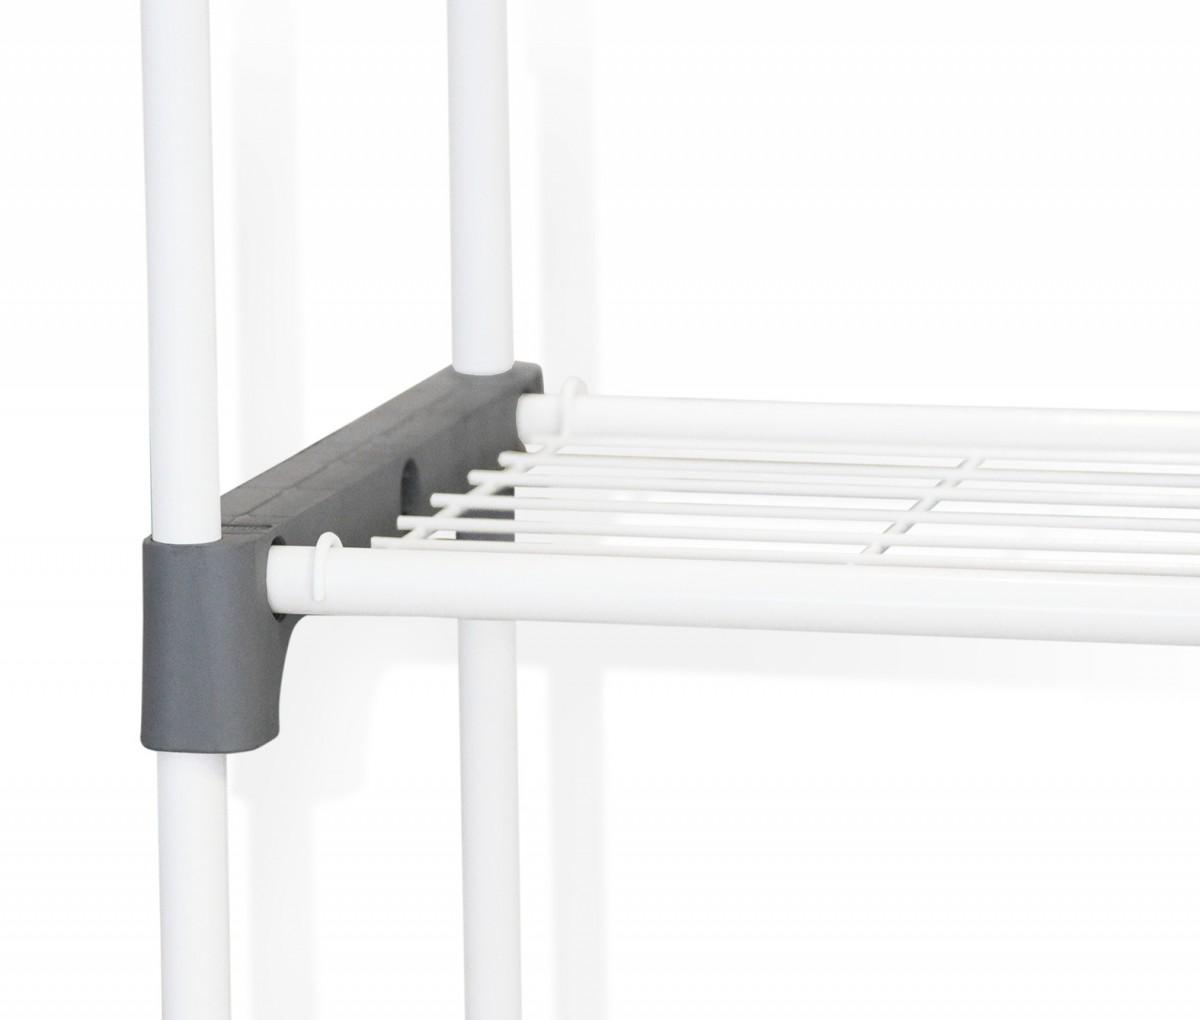 Купить Стеллаж для хранения, серый, 79 x 31 x 170,5 см